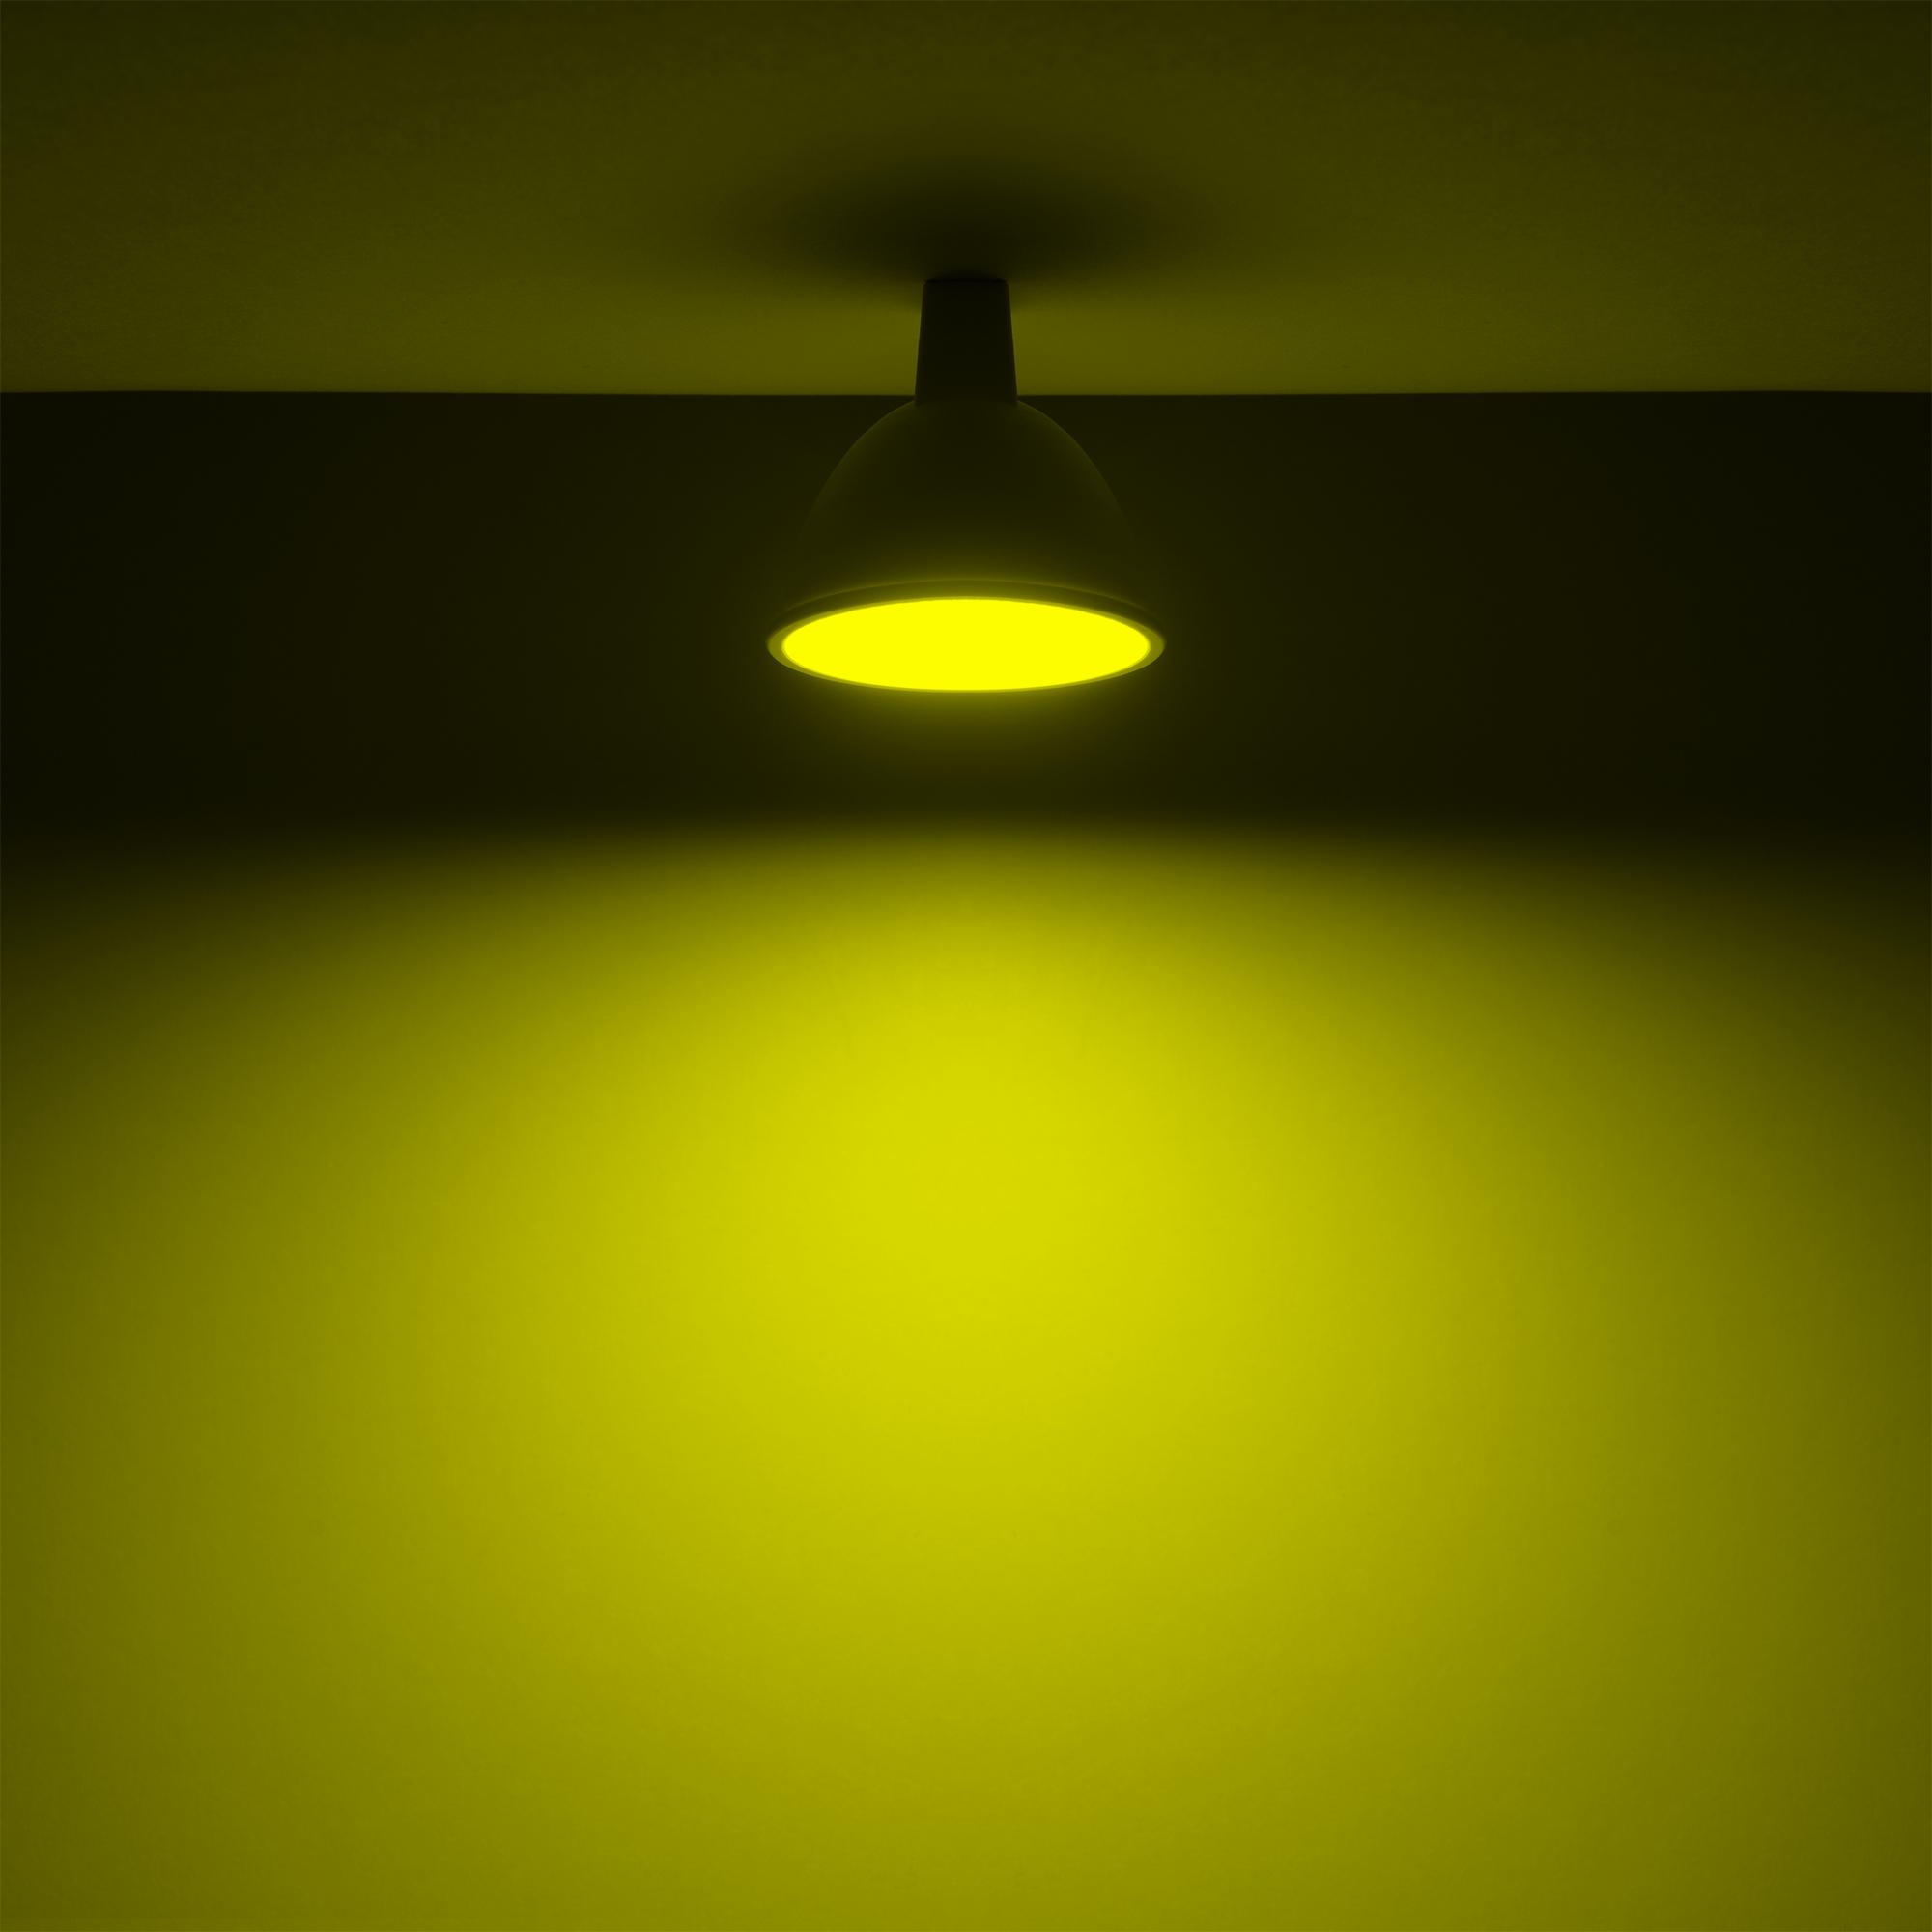 Лампа светодиодная Gauss GU5.3 220-240 В 6 Вт спот матовая 440 лм регулируемый цвет света RGBW